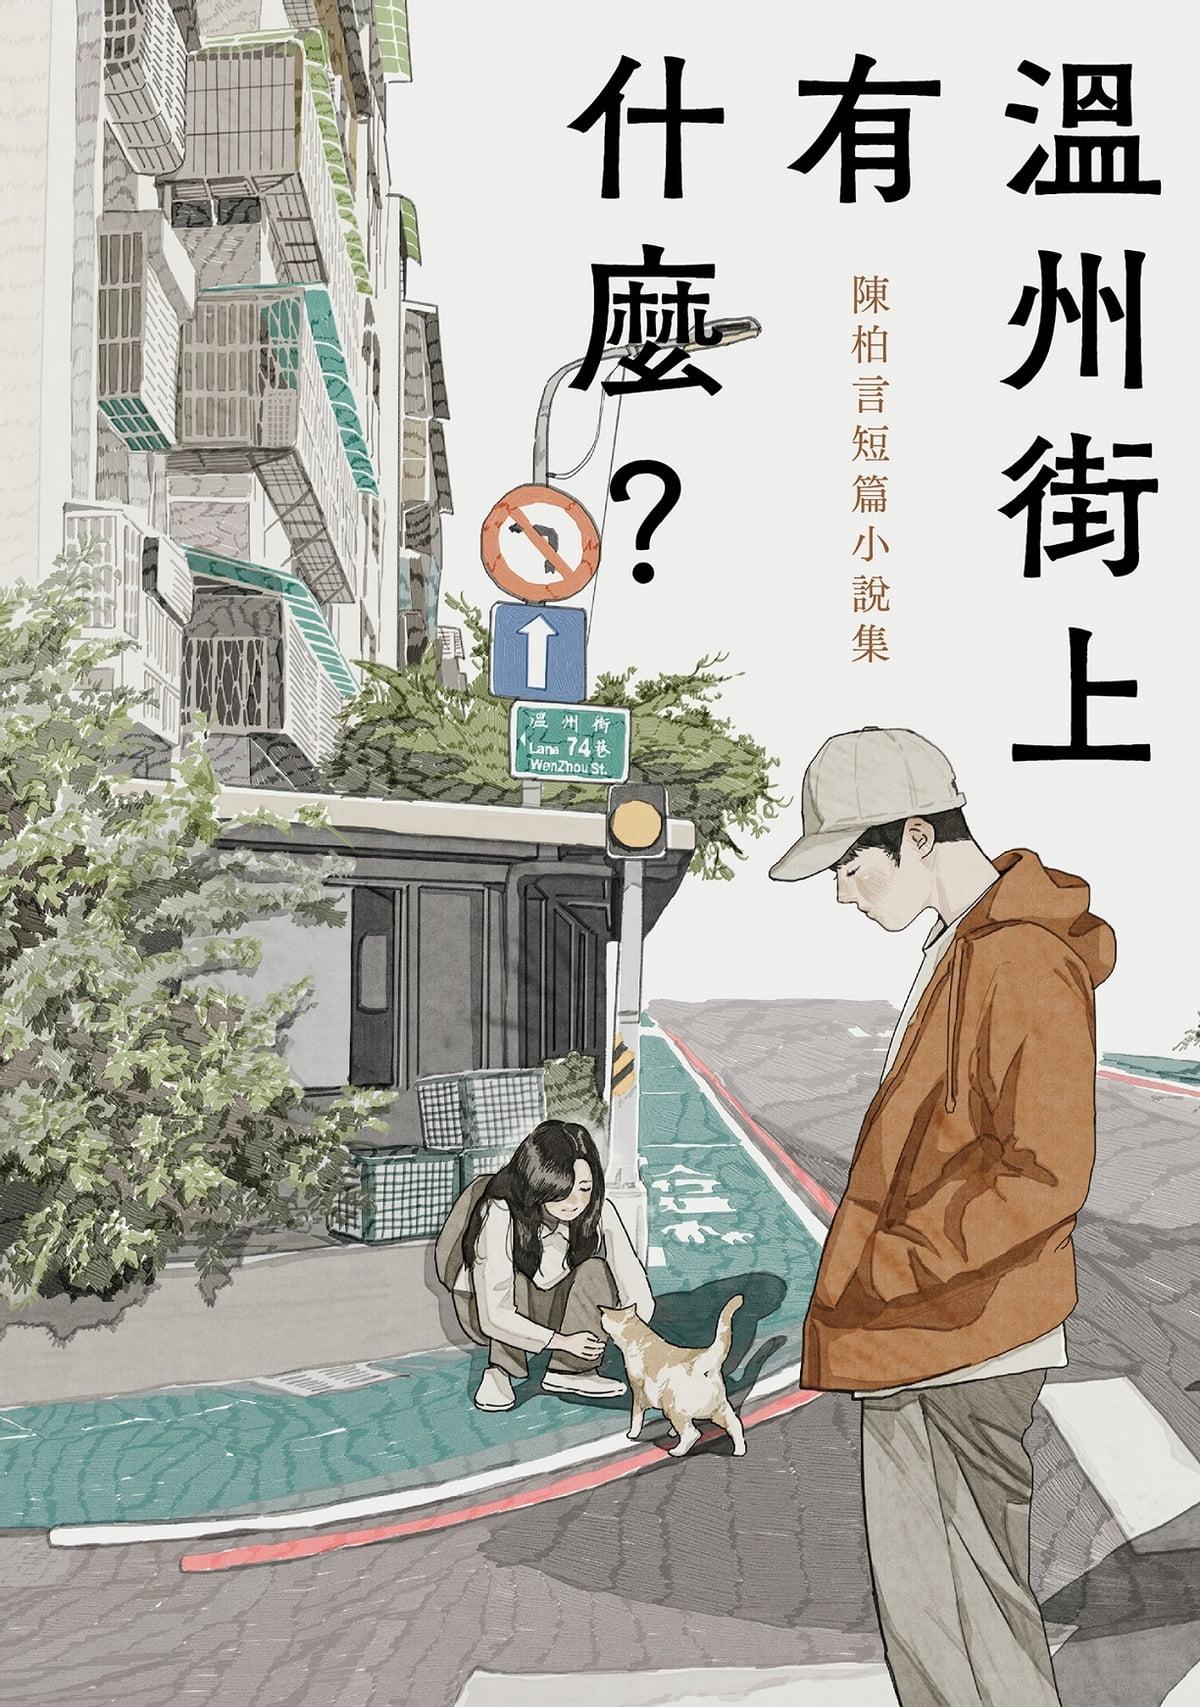 溫州街上有什麼?:陳柏言短篇小說集 電子書,分類依據 陳柏言 - 3079863598542 | Rakuten Kobo 臺灣